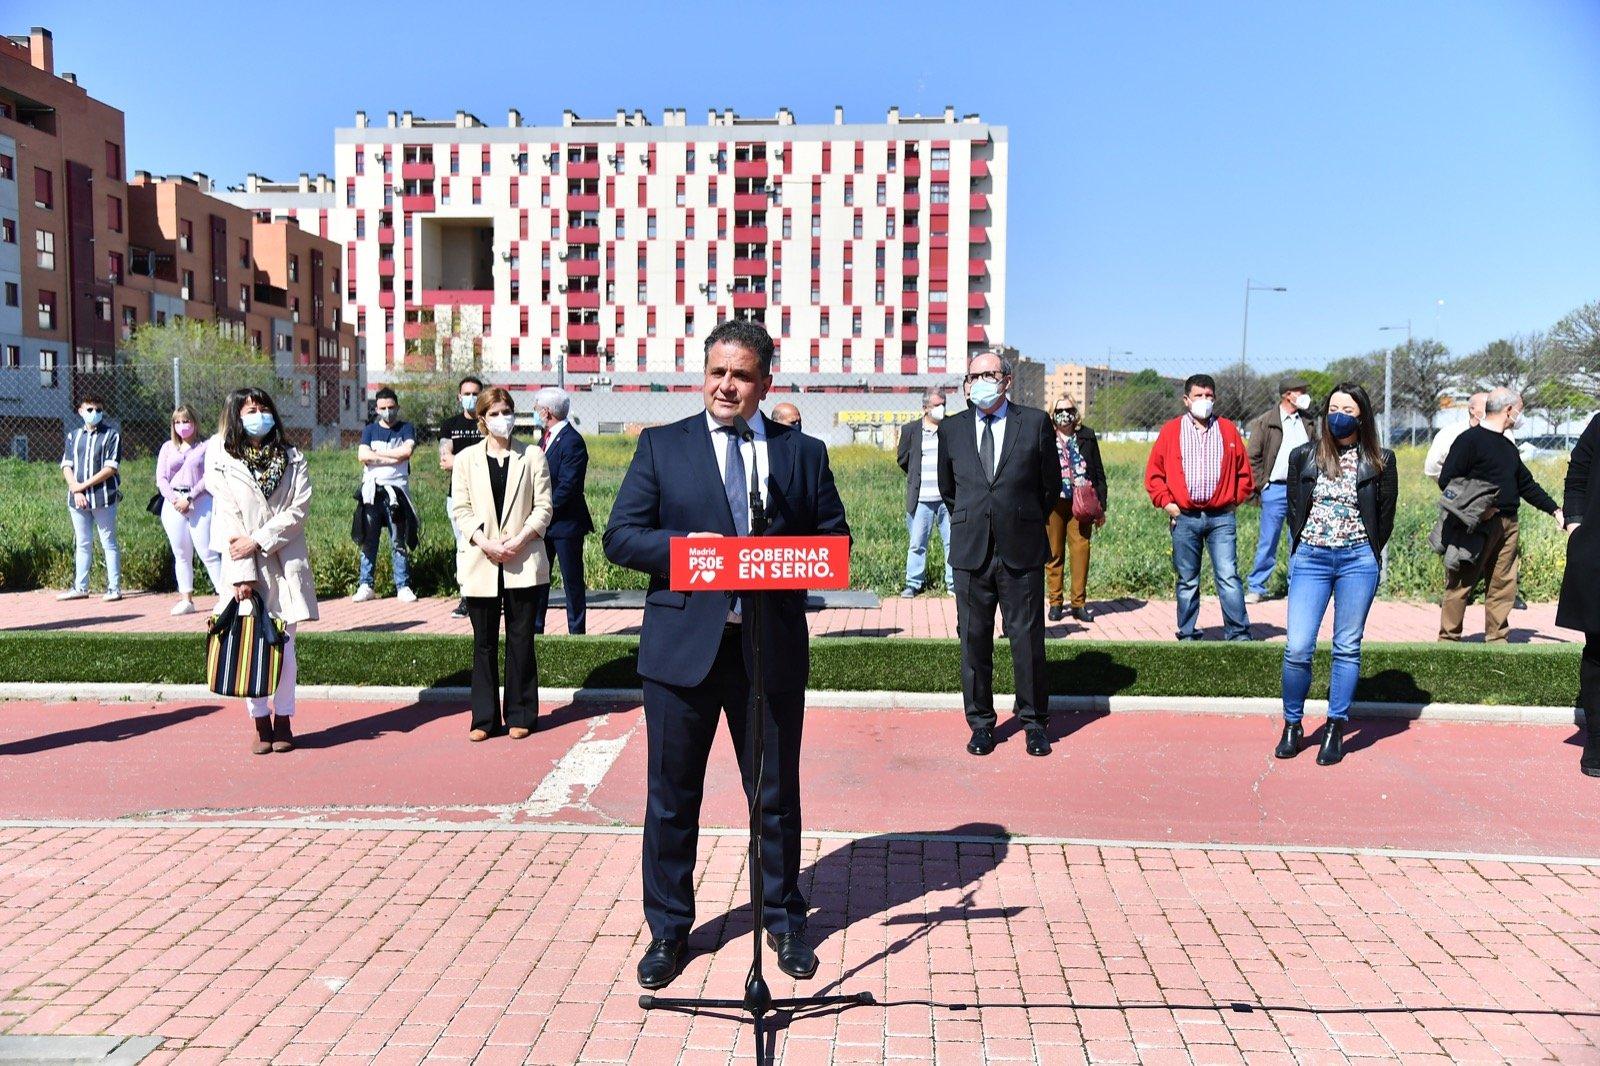 Gabilondo propone un Gobierno sin extremismos y centrado en la recuperación 6